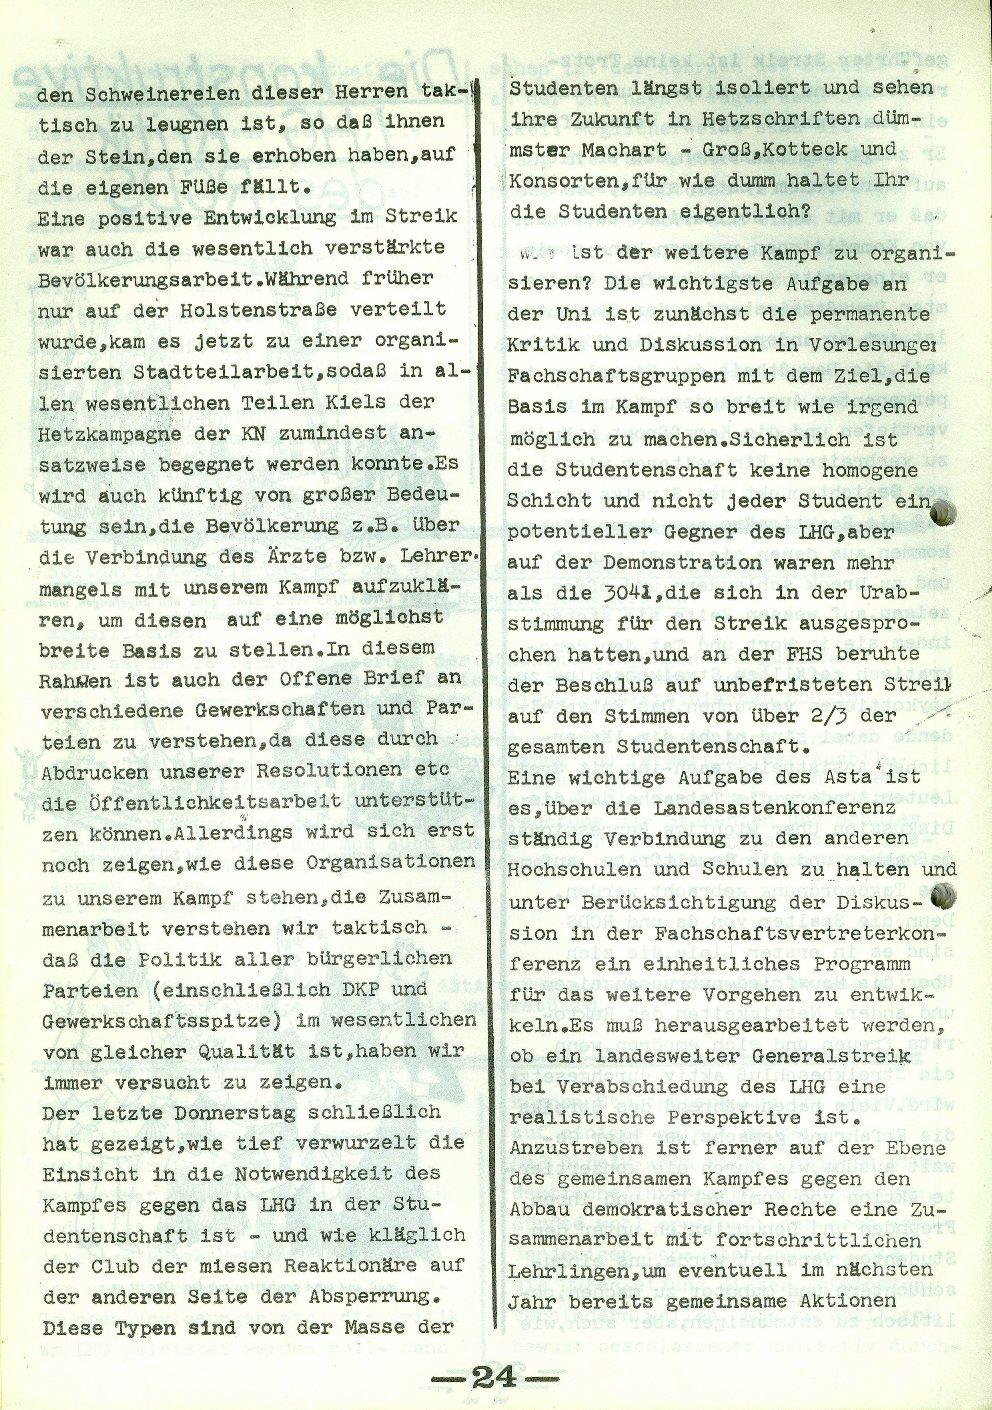 Kiel_Uni529